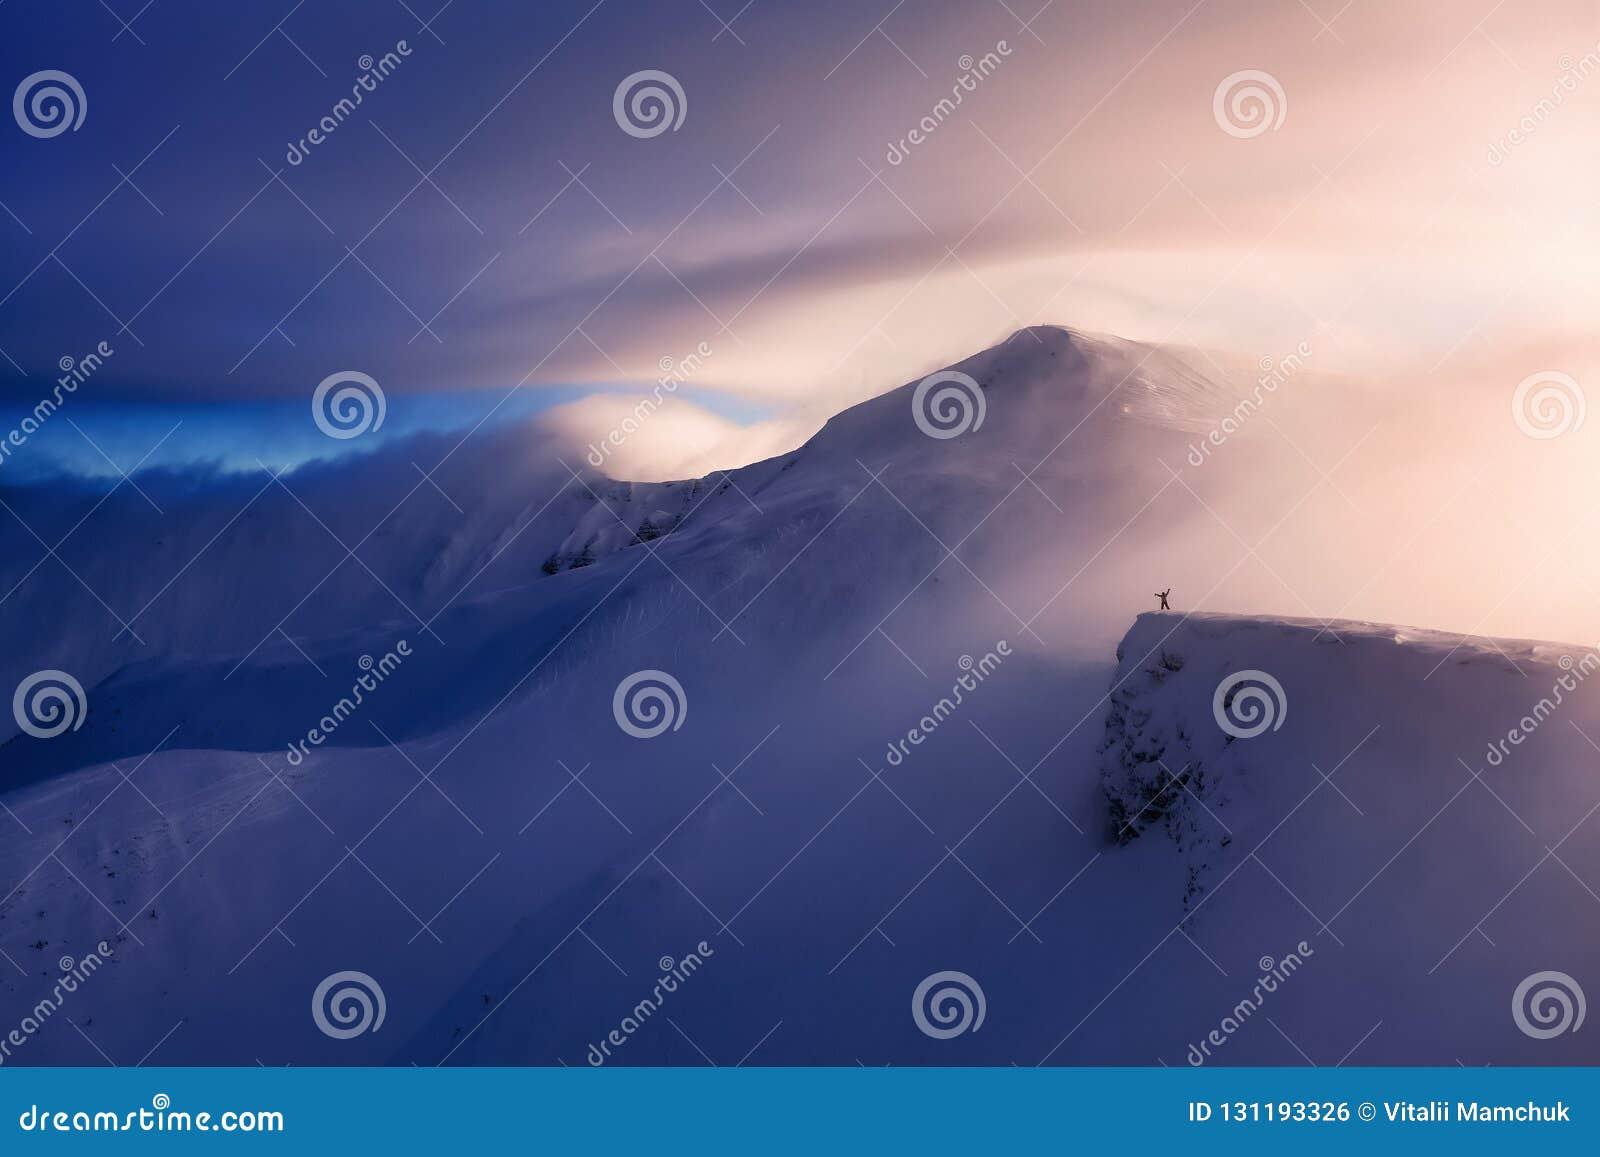 Fantastisch landschap met een vrije ruiter en een bergbeklimmer, hooggebergte in sneeuw en de mist met interessante kleur